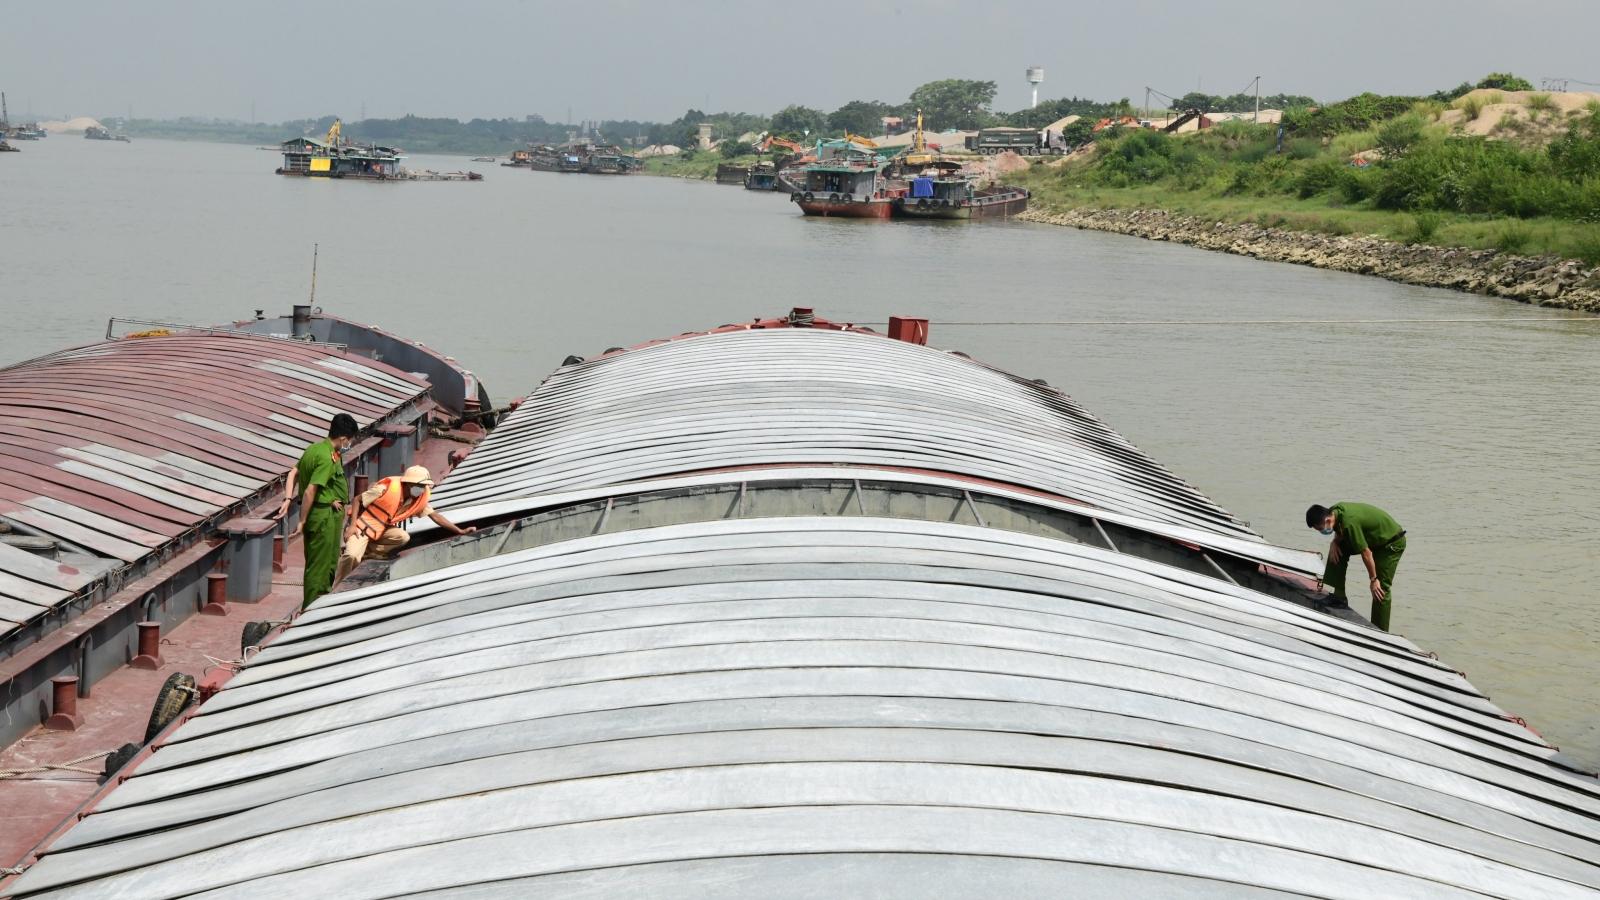 Phát hiện đường dây buôn bán than lậu số lượng lớn trên sông